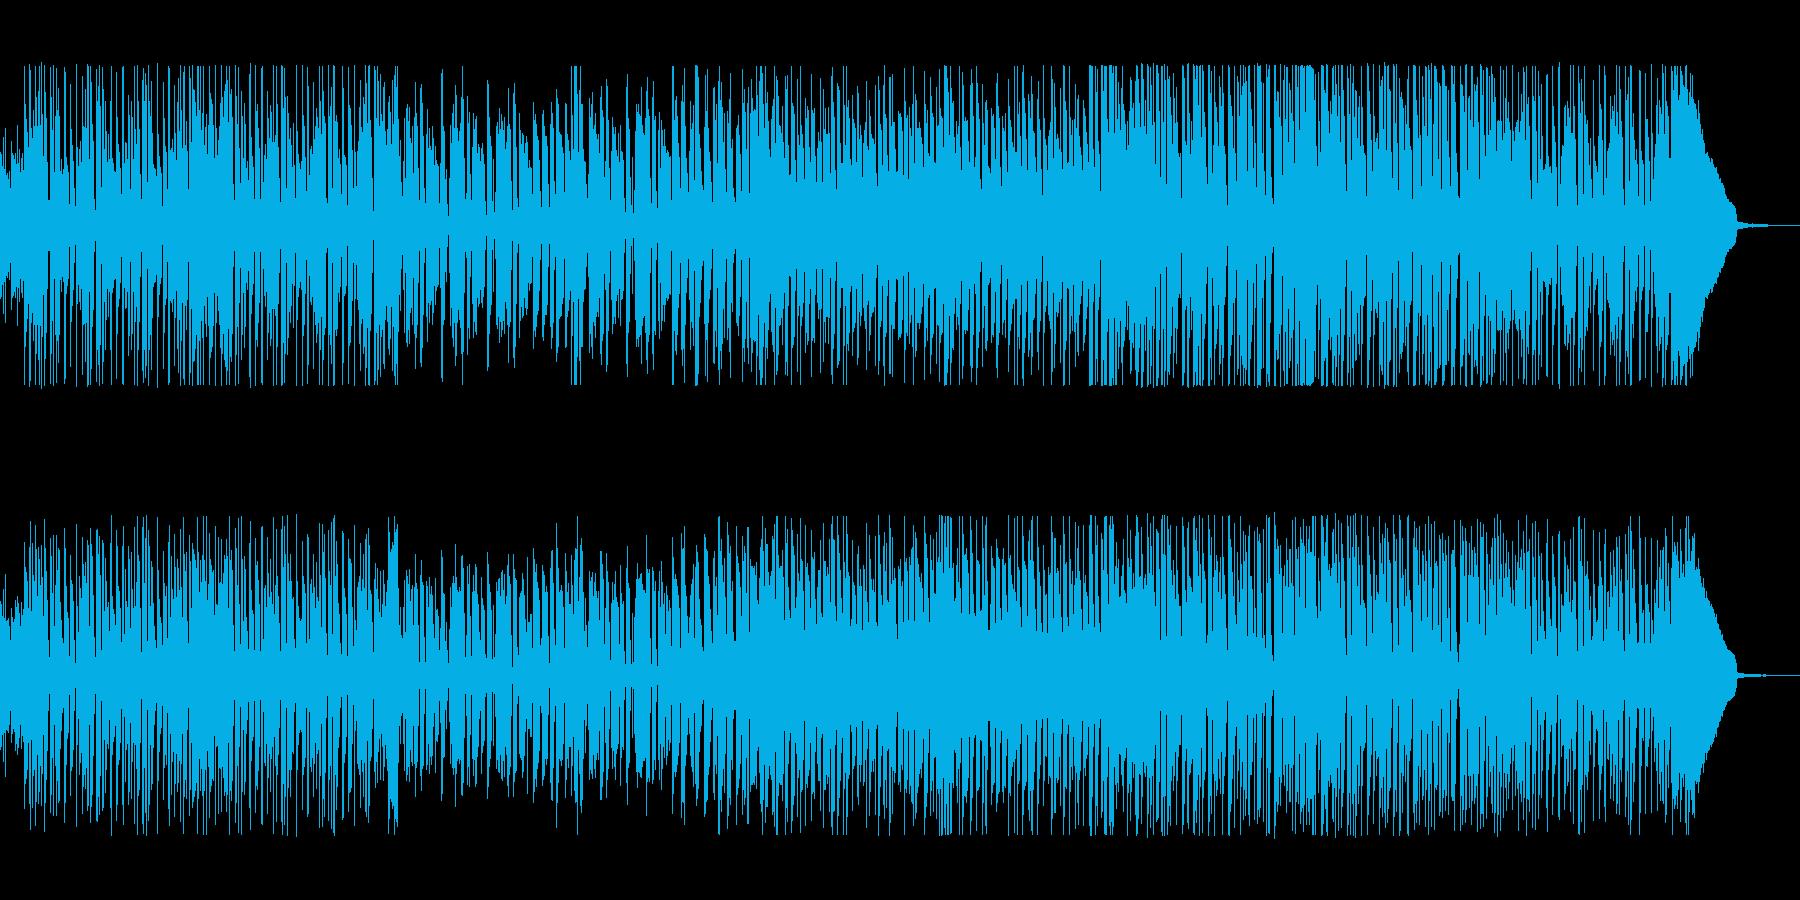 わくわく楽しい90sバンドポップスの再生済みの波形